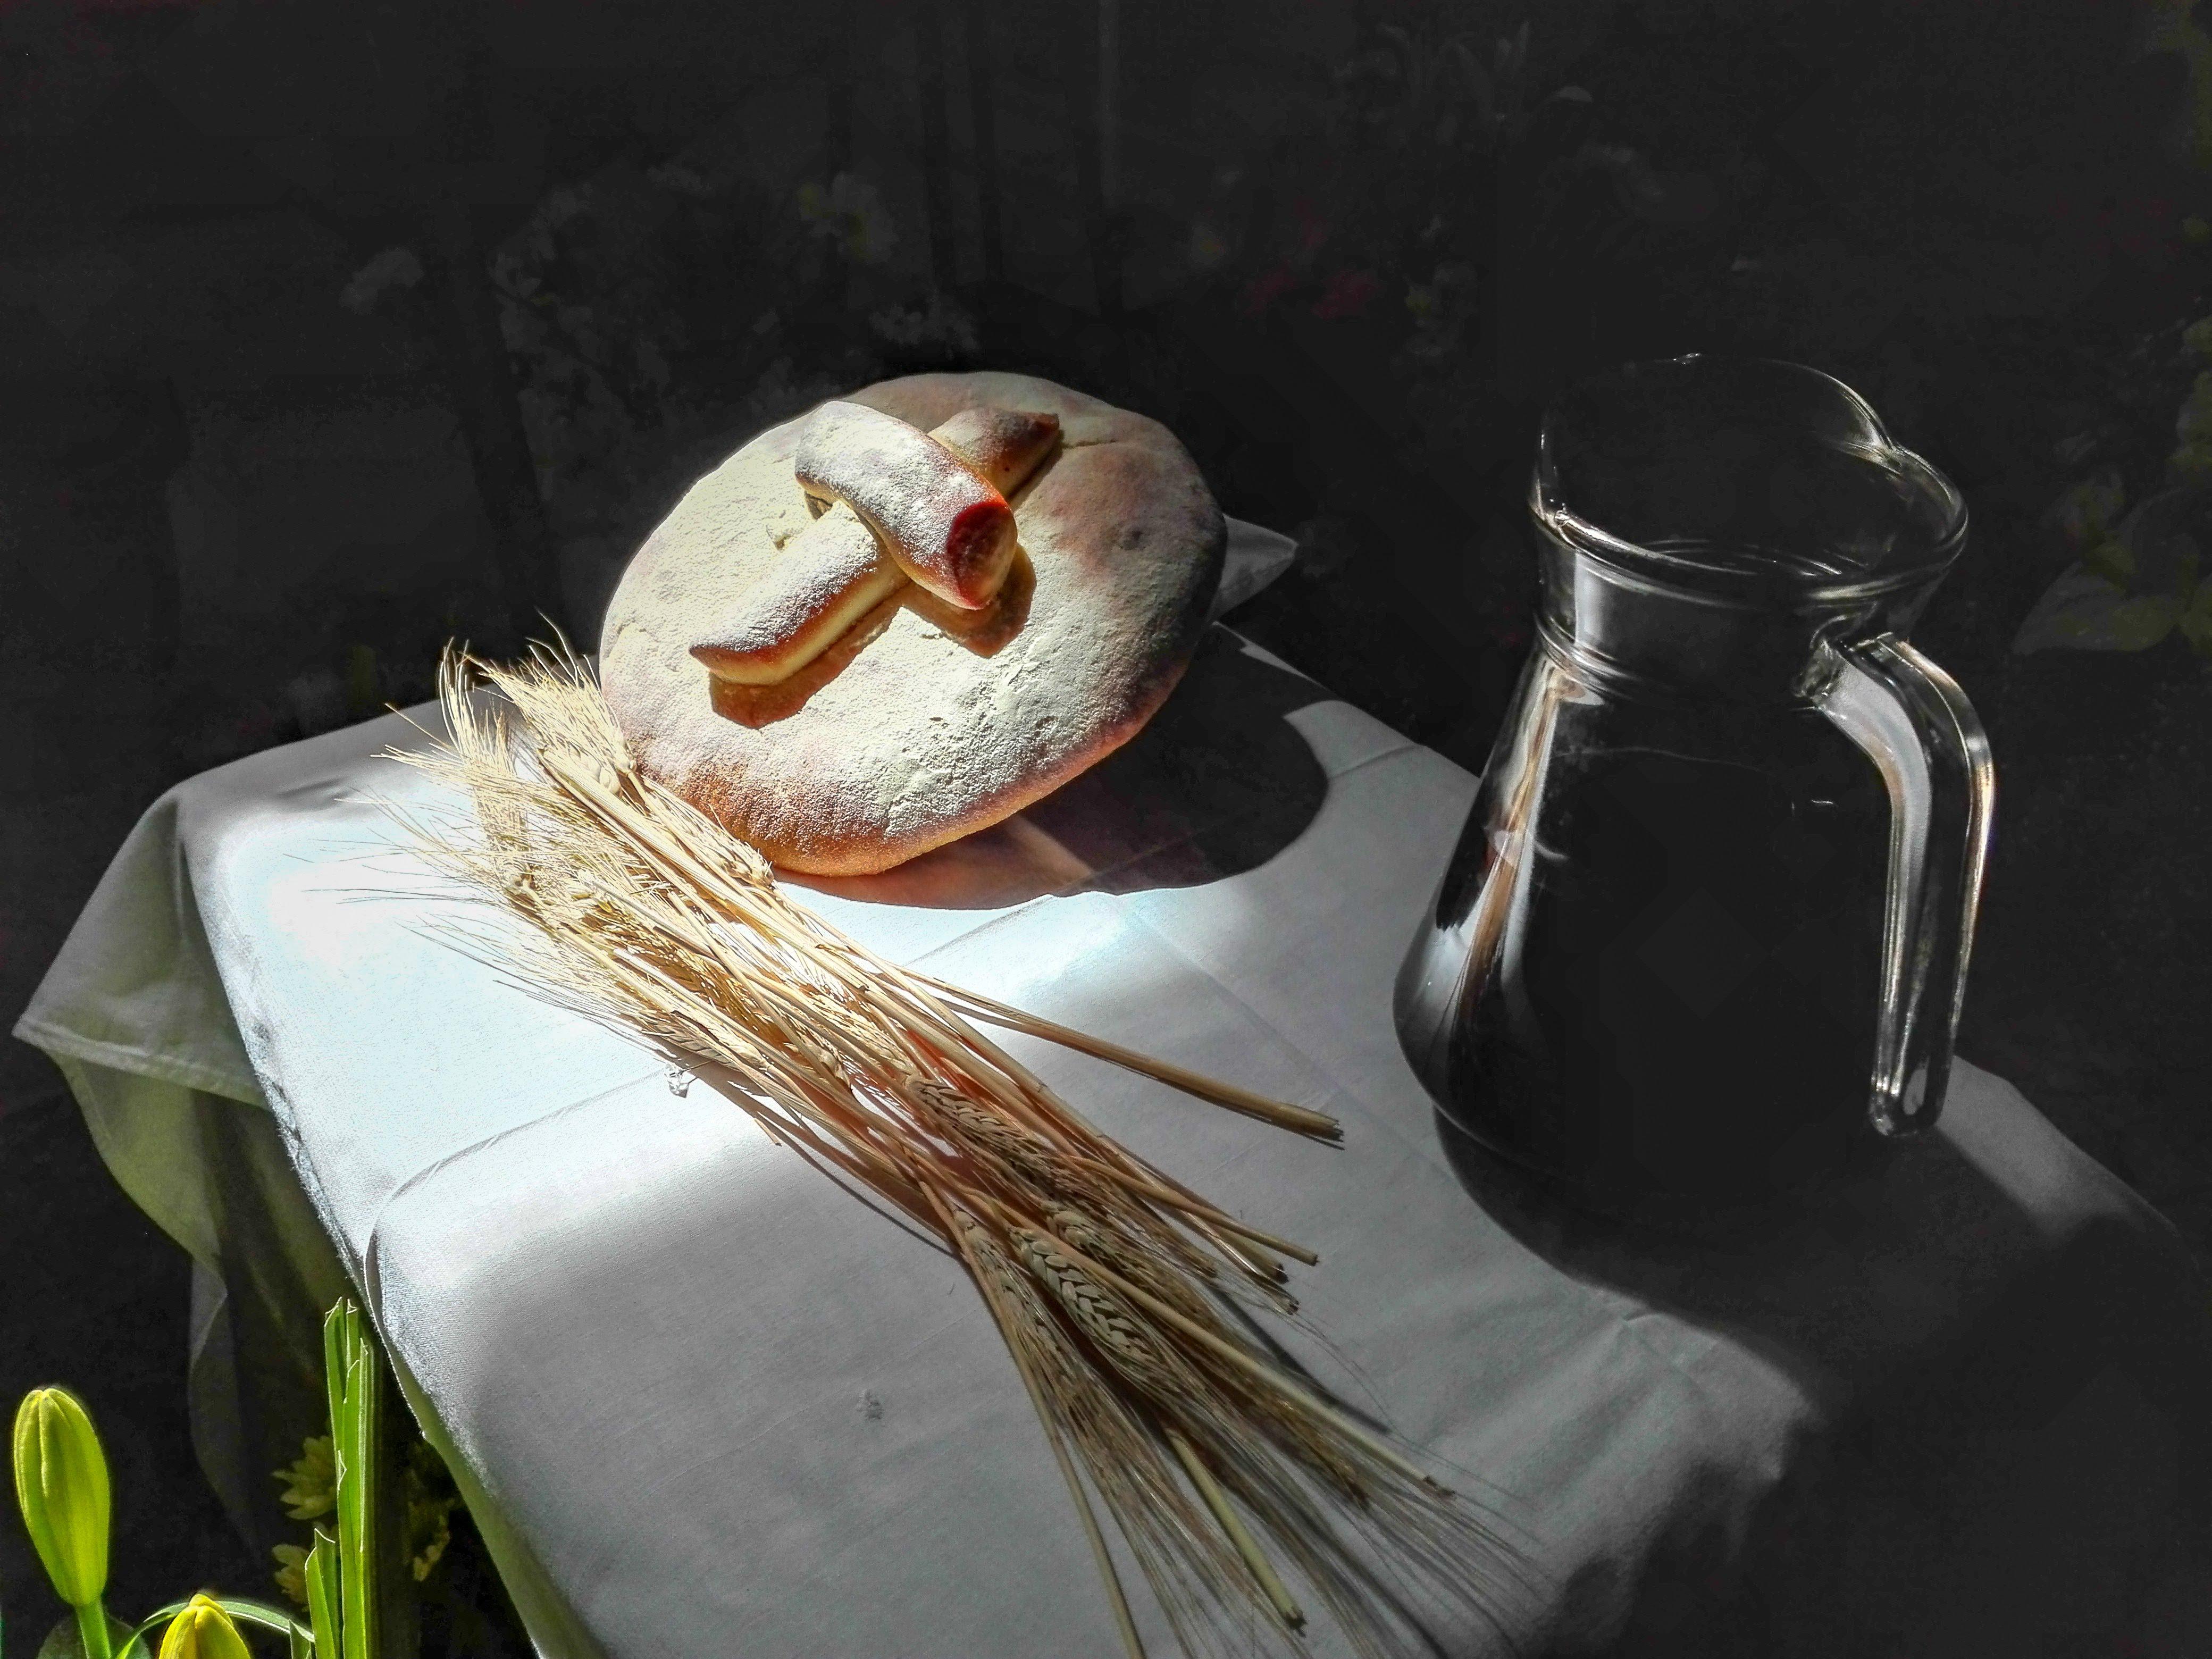 El pan y el vino © Cathopic